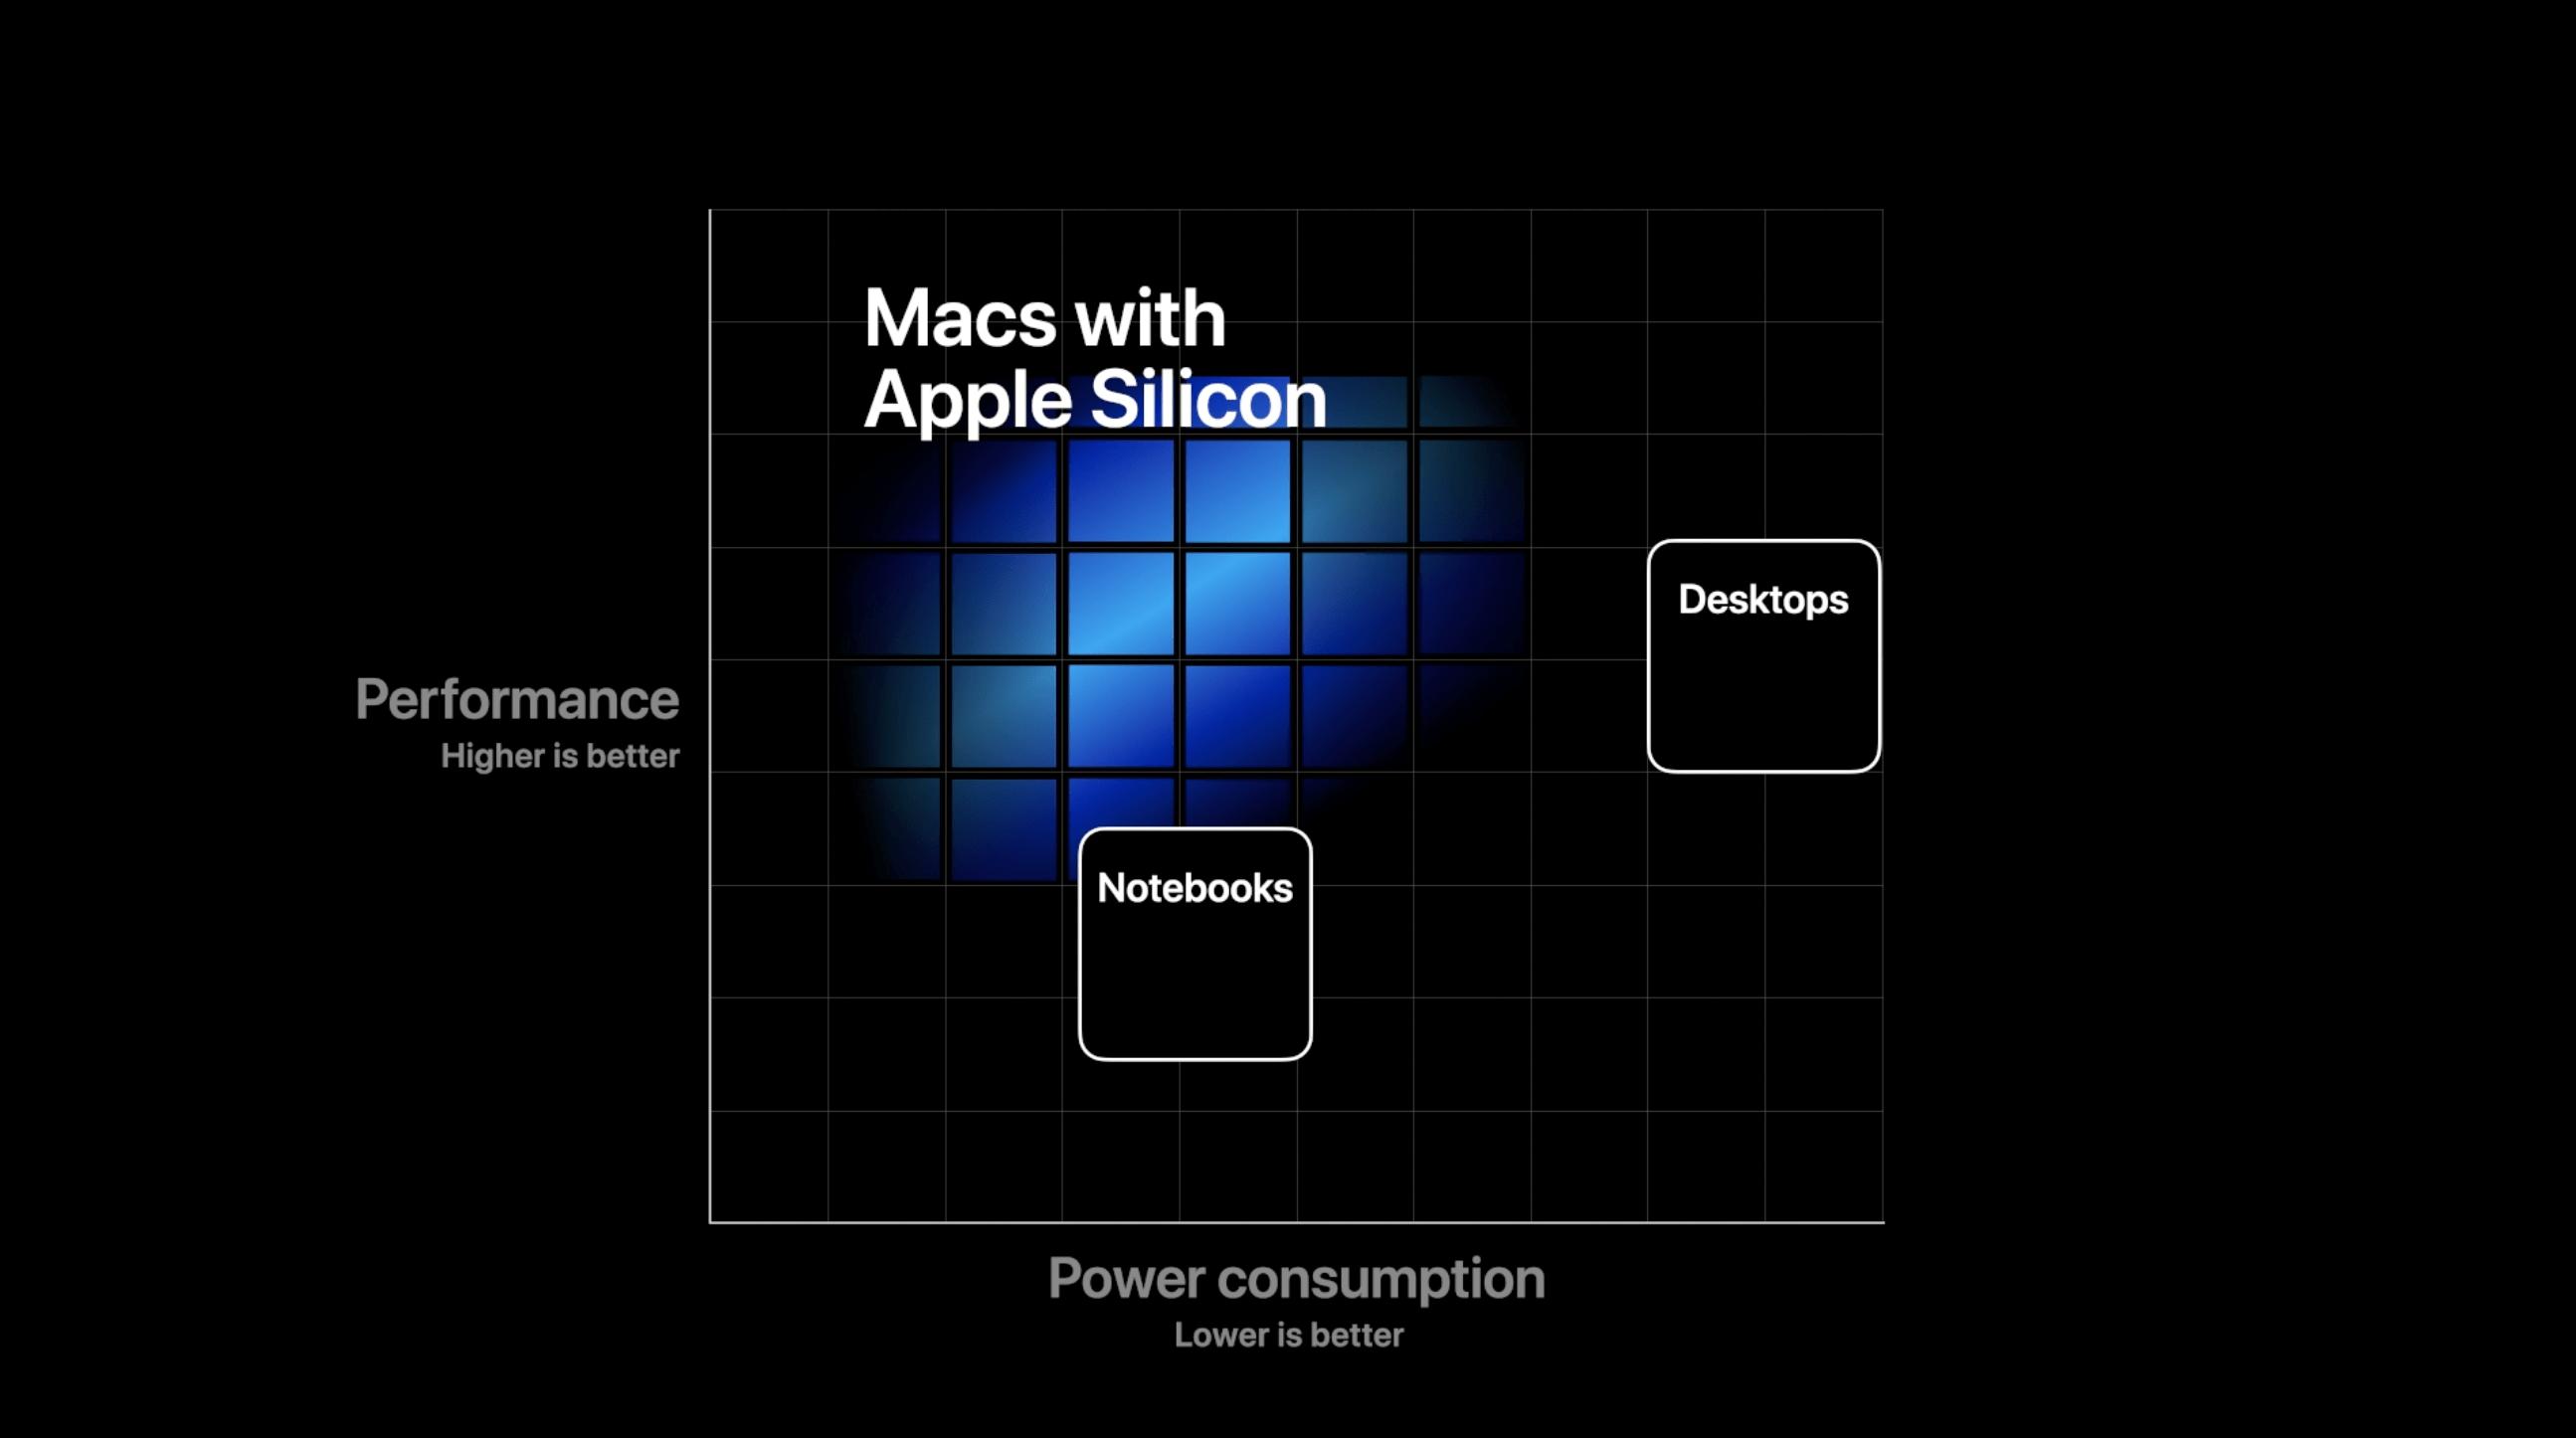 Skjermbilde 2020 06 22 kl. 20.31.05 - Apple Silicon innen utgangen av 2020